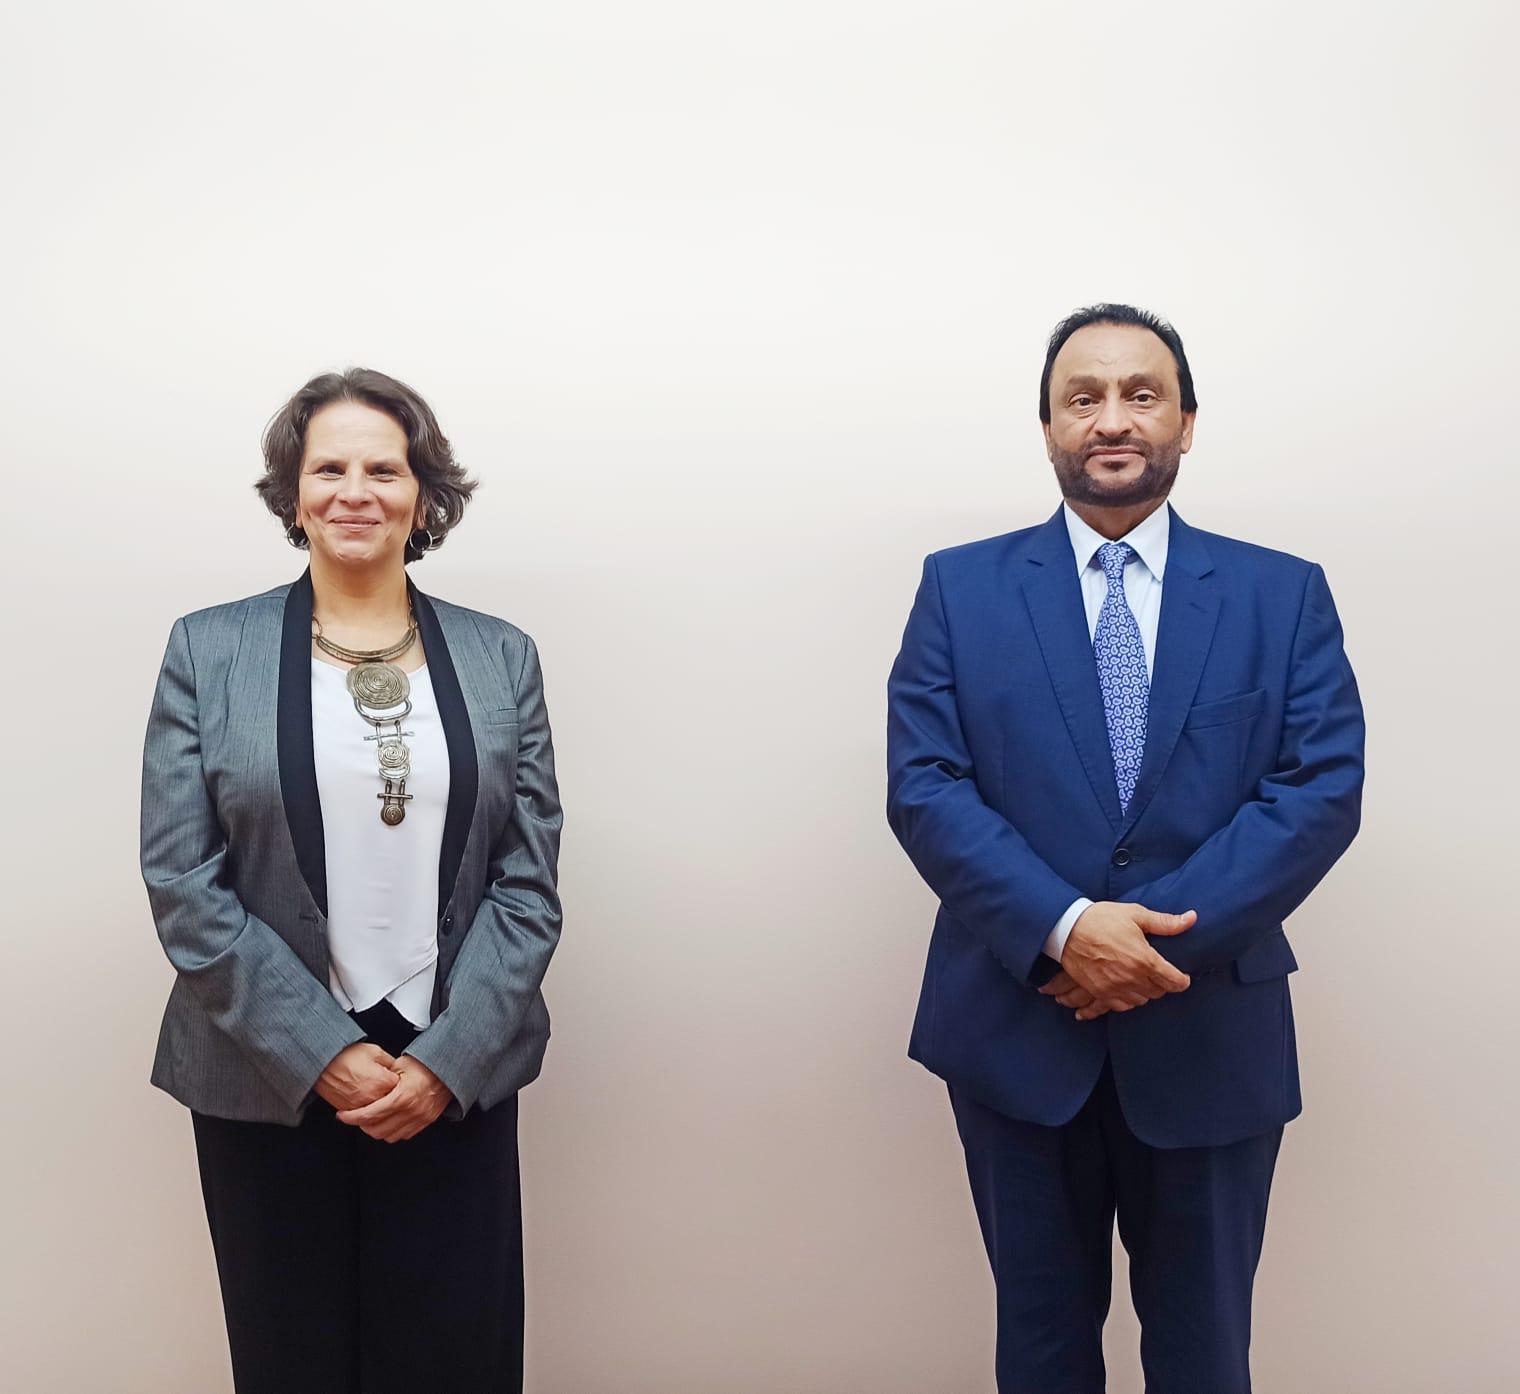 وزيرة الثقافة والشباب في جمهورية كوستاريكا تجتمع مع سفير دولة قطر